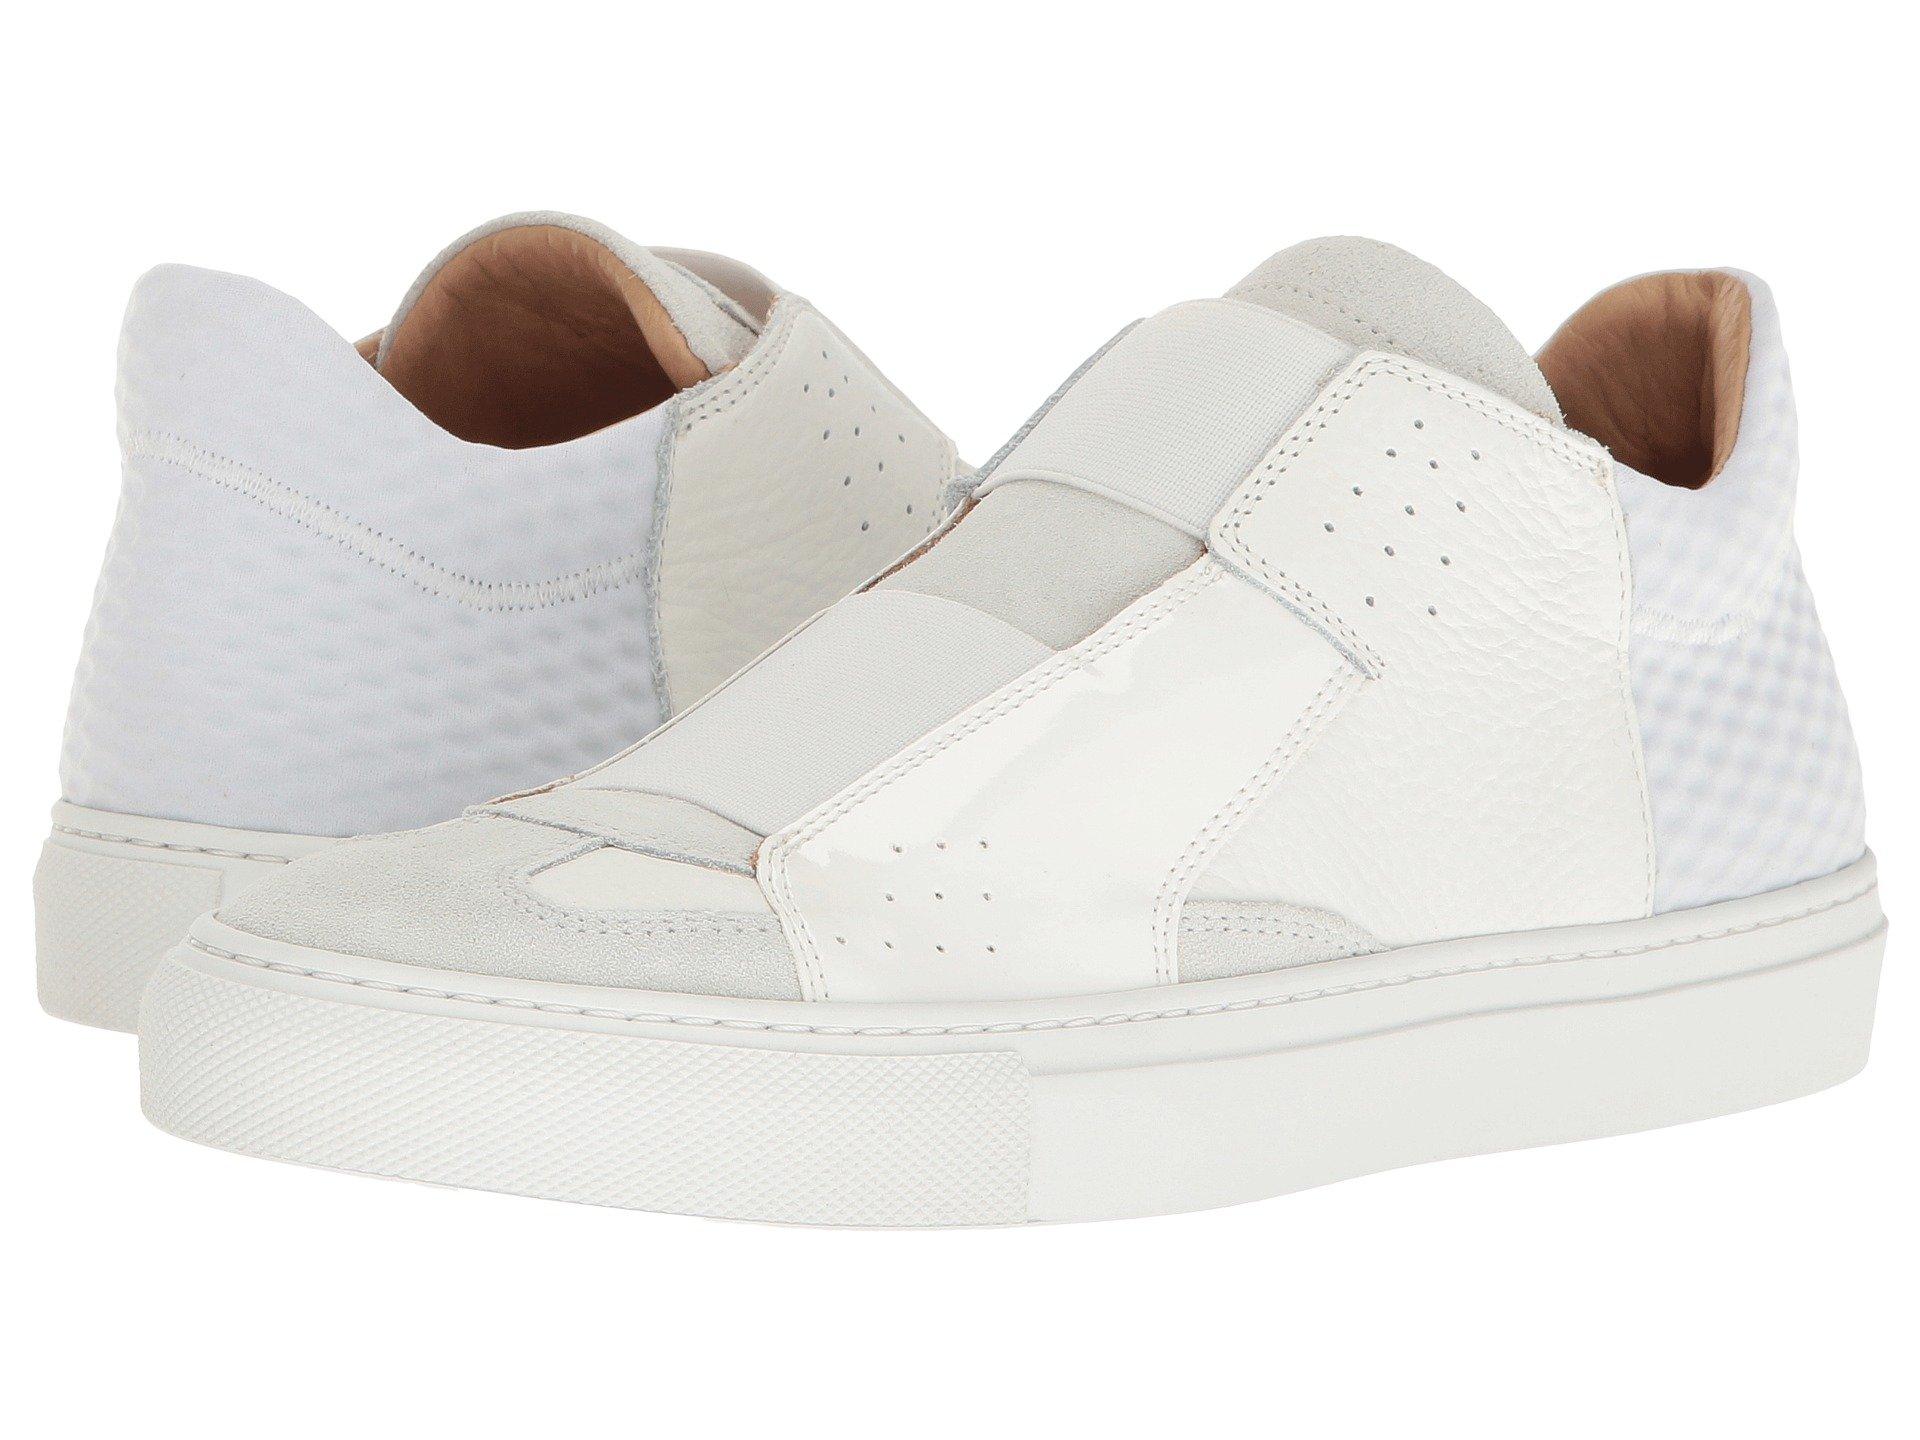 8304ef28d90 Mm6 Maison Margiela Elastic Slip-On Sneaker In White Mixed Materials